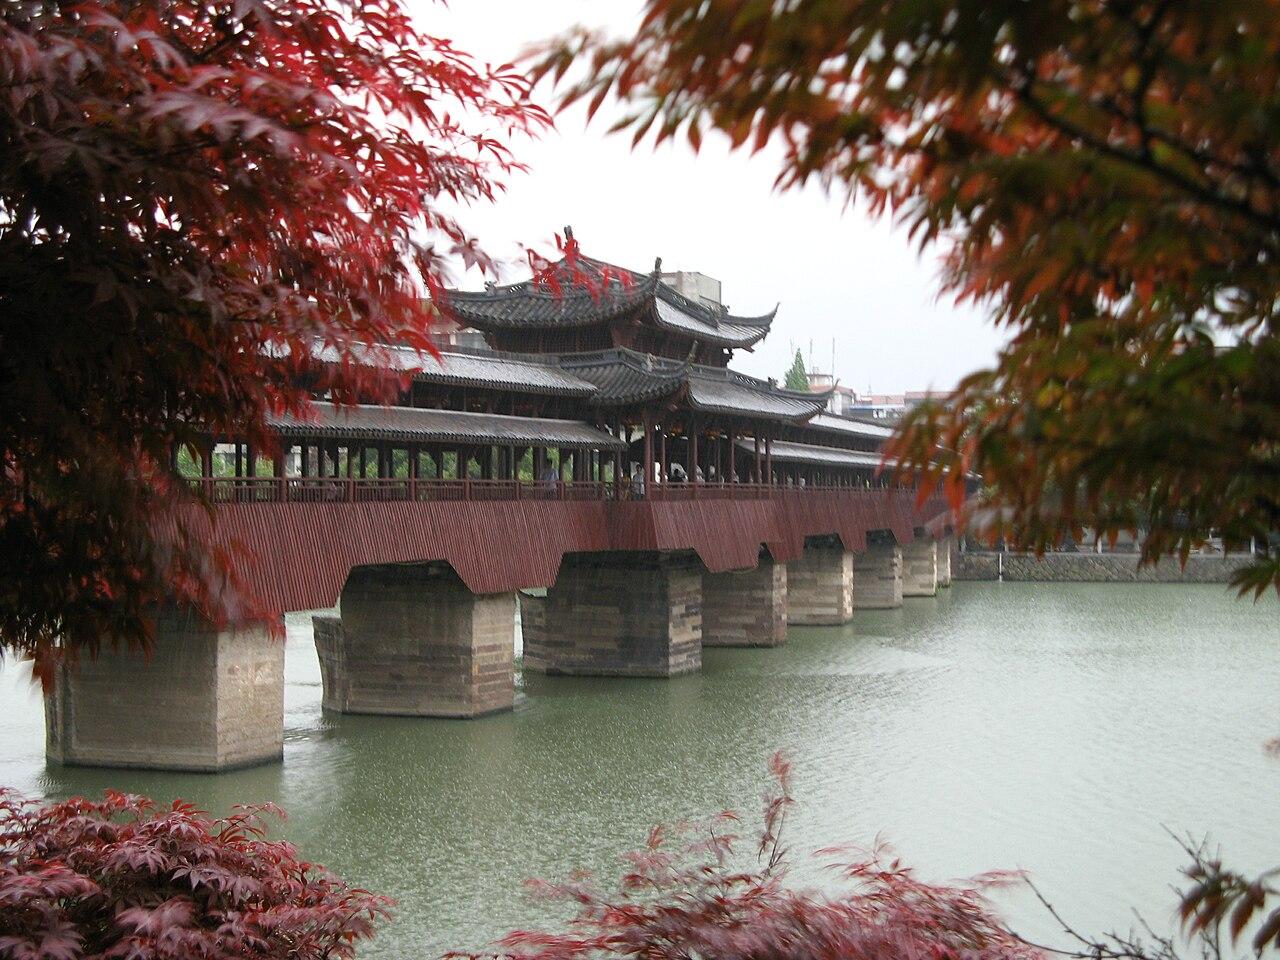 File:Xijin Bridge (Yongkang), China.jpg - Wikipedia